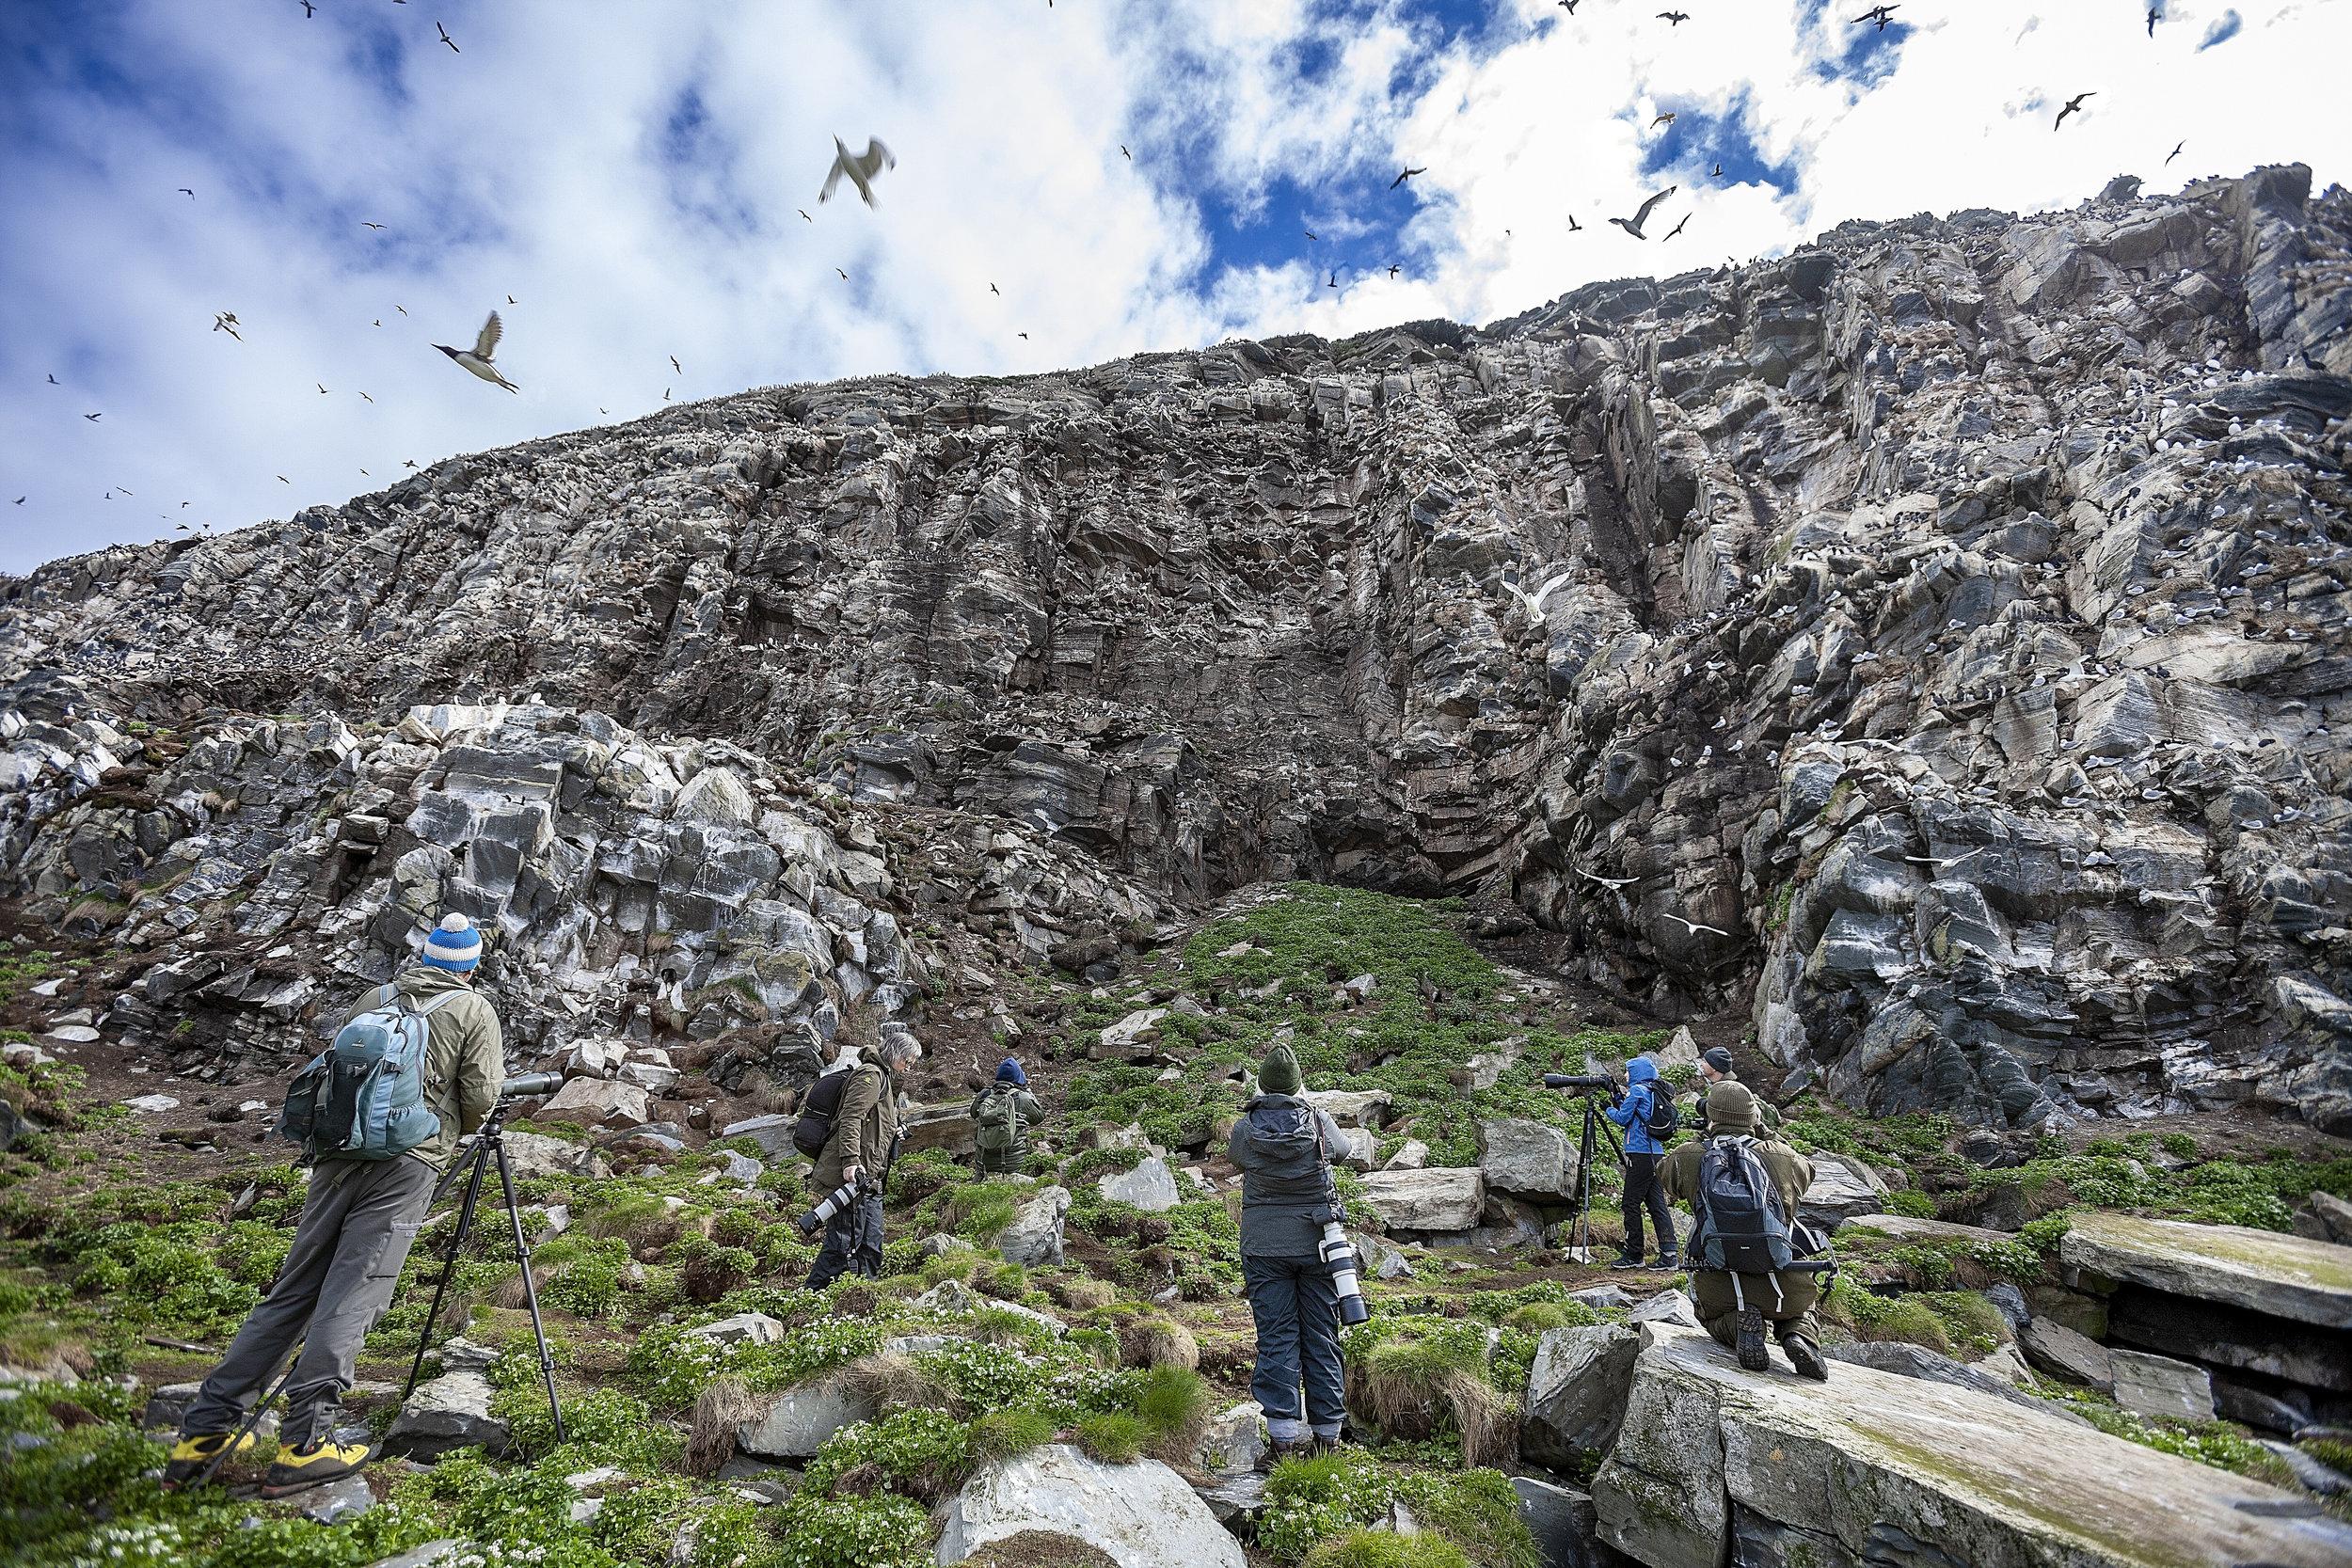 LANGVEIS: Turistene kommer langveis fra for å se fuglelivet i Varanger. På Hornøya kan du se lomvi, alke, lundefugl, toppskarv og polarlomvi. Er du heldig, ser du også jaktfalken i aksjon.